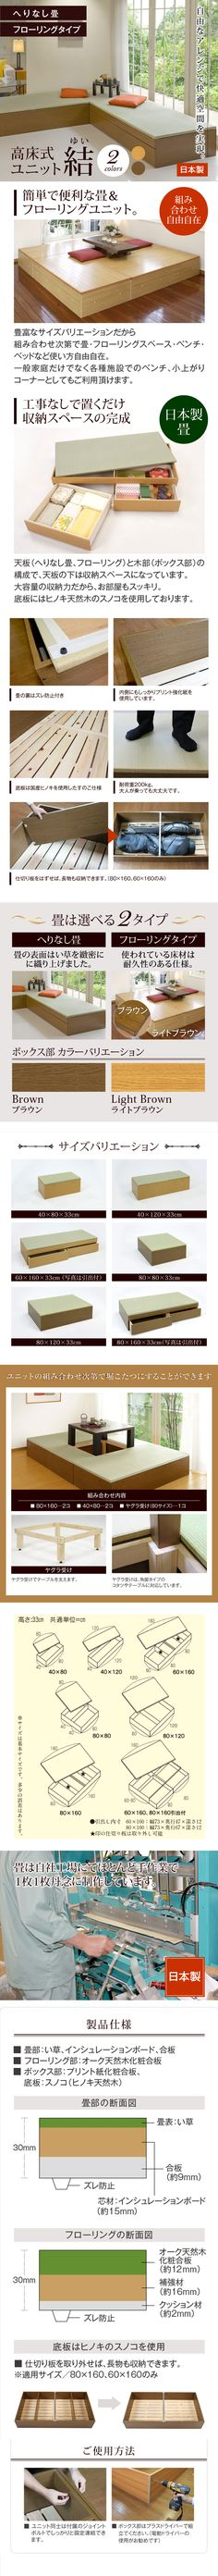 自由なアレンジで快適空間を実現。。高床式 ユニット 畳 80×160へりなし畳タイプ/フローリングタイプ(引出付)【送料無料】畳収納/収納畳/畳BOX/畳ボックス/小上がり